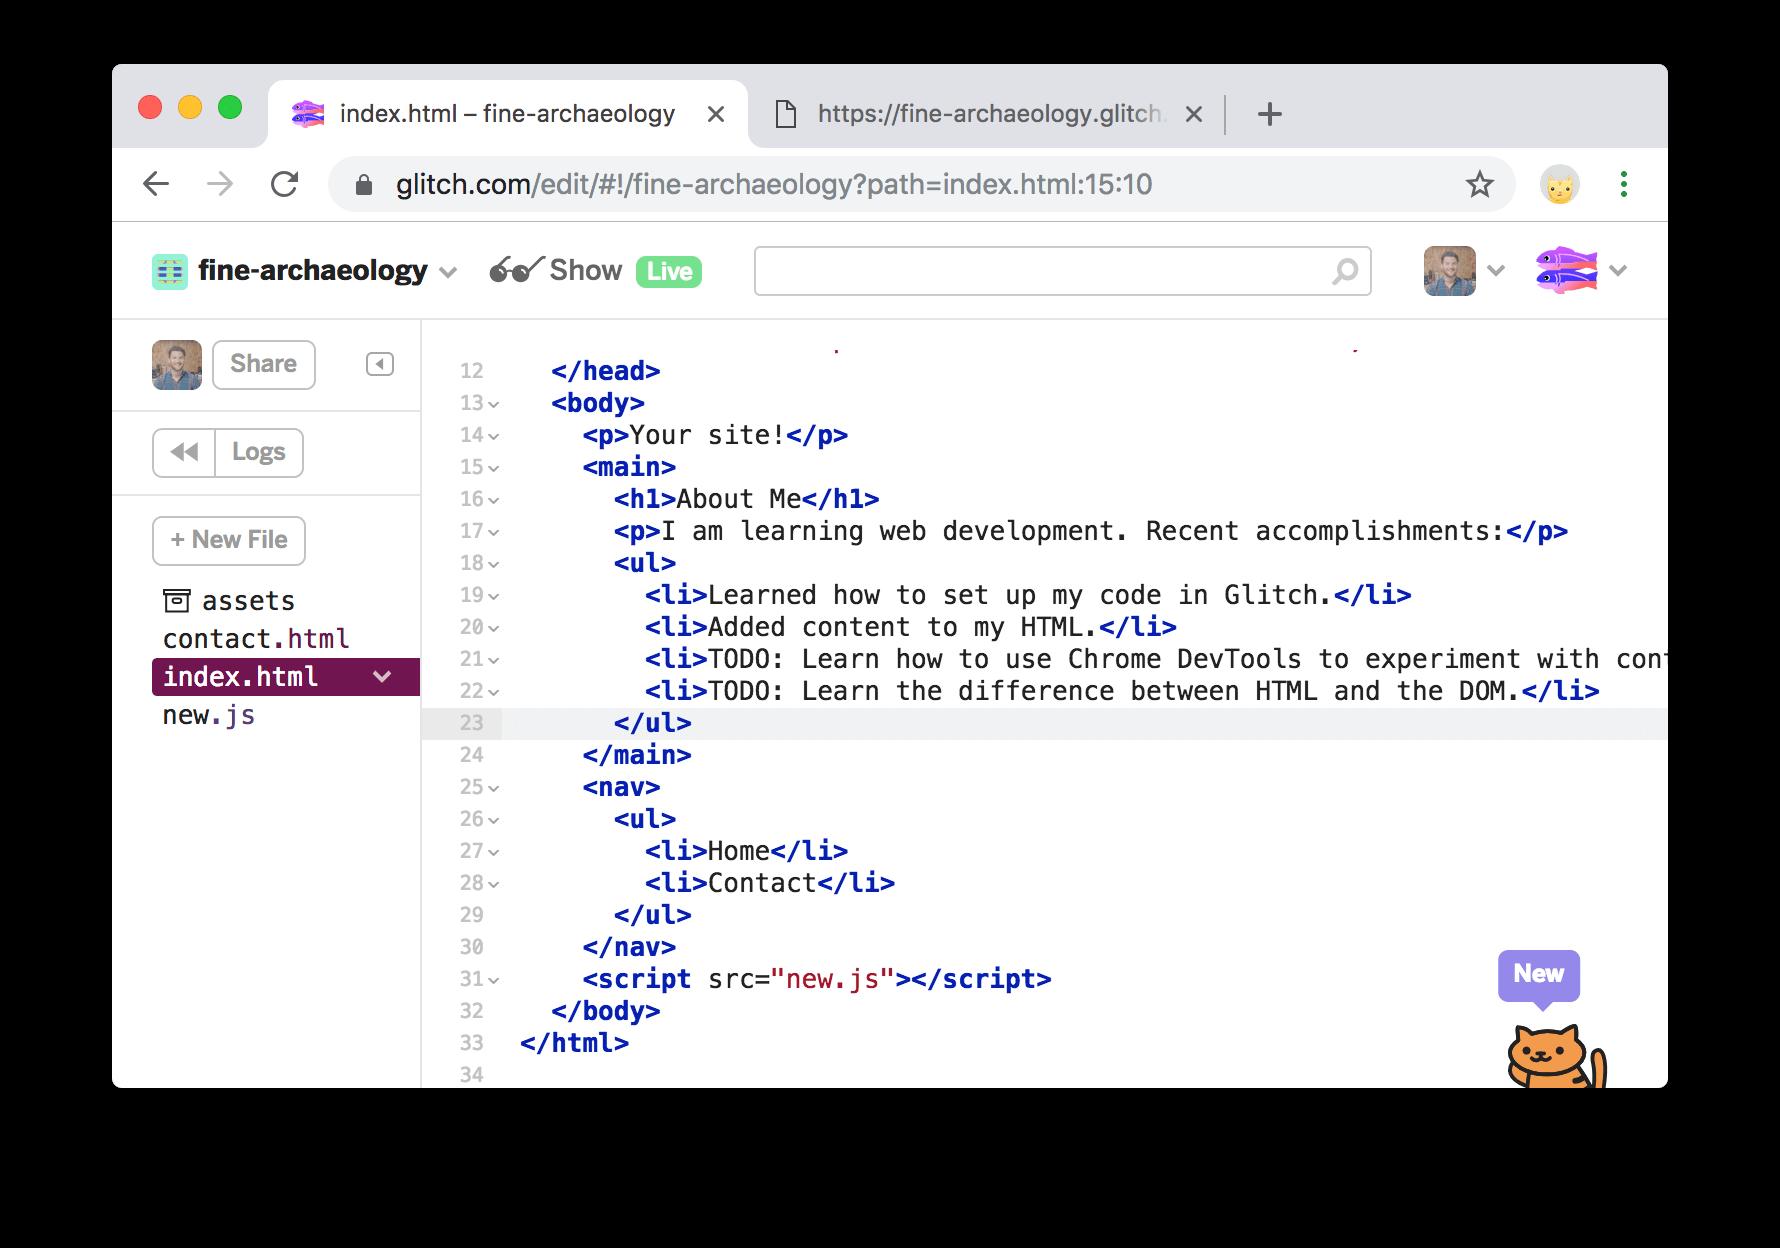 在index.html中找不到神秘文本。